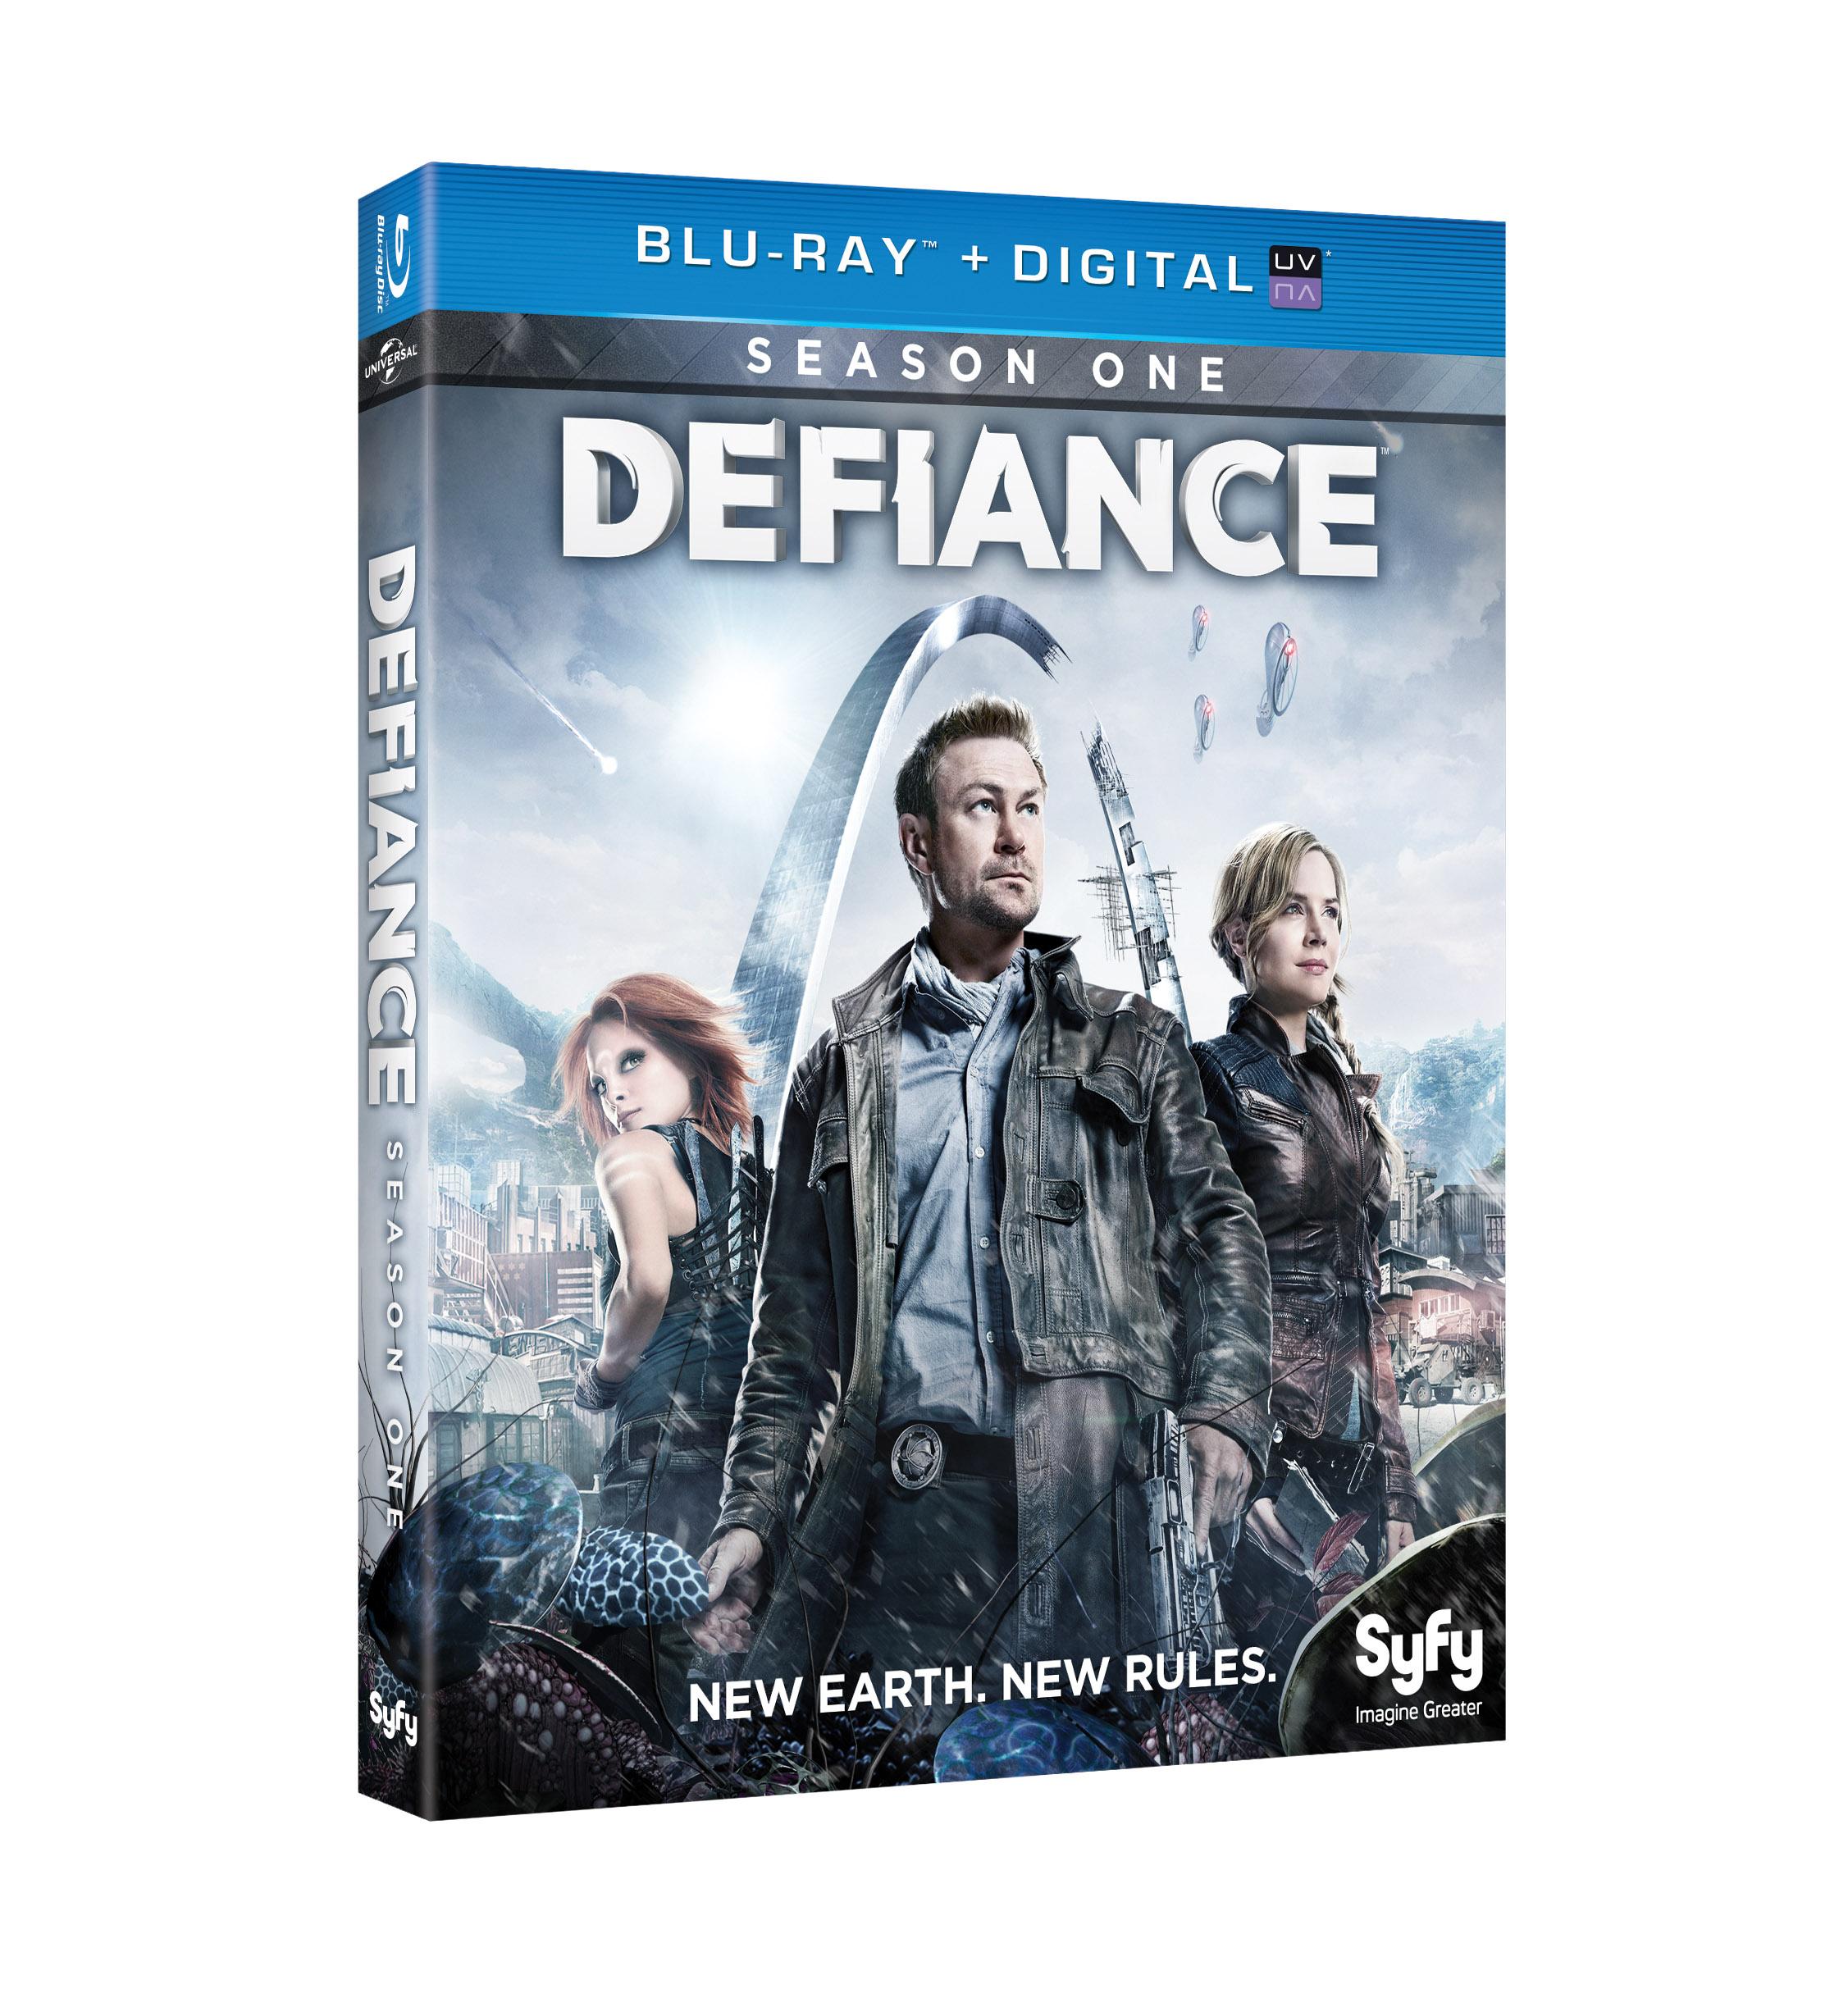 BD_Defiance_OCard_3D